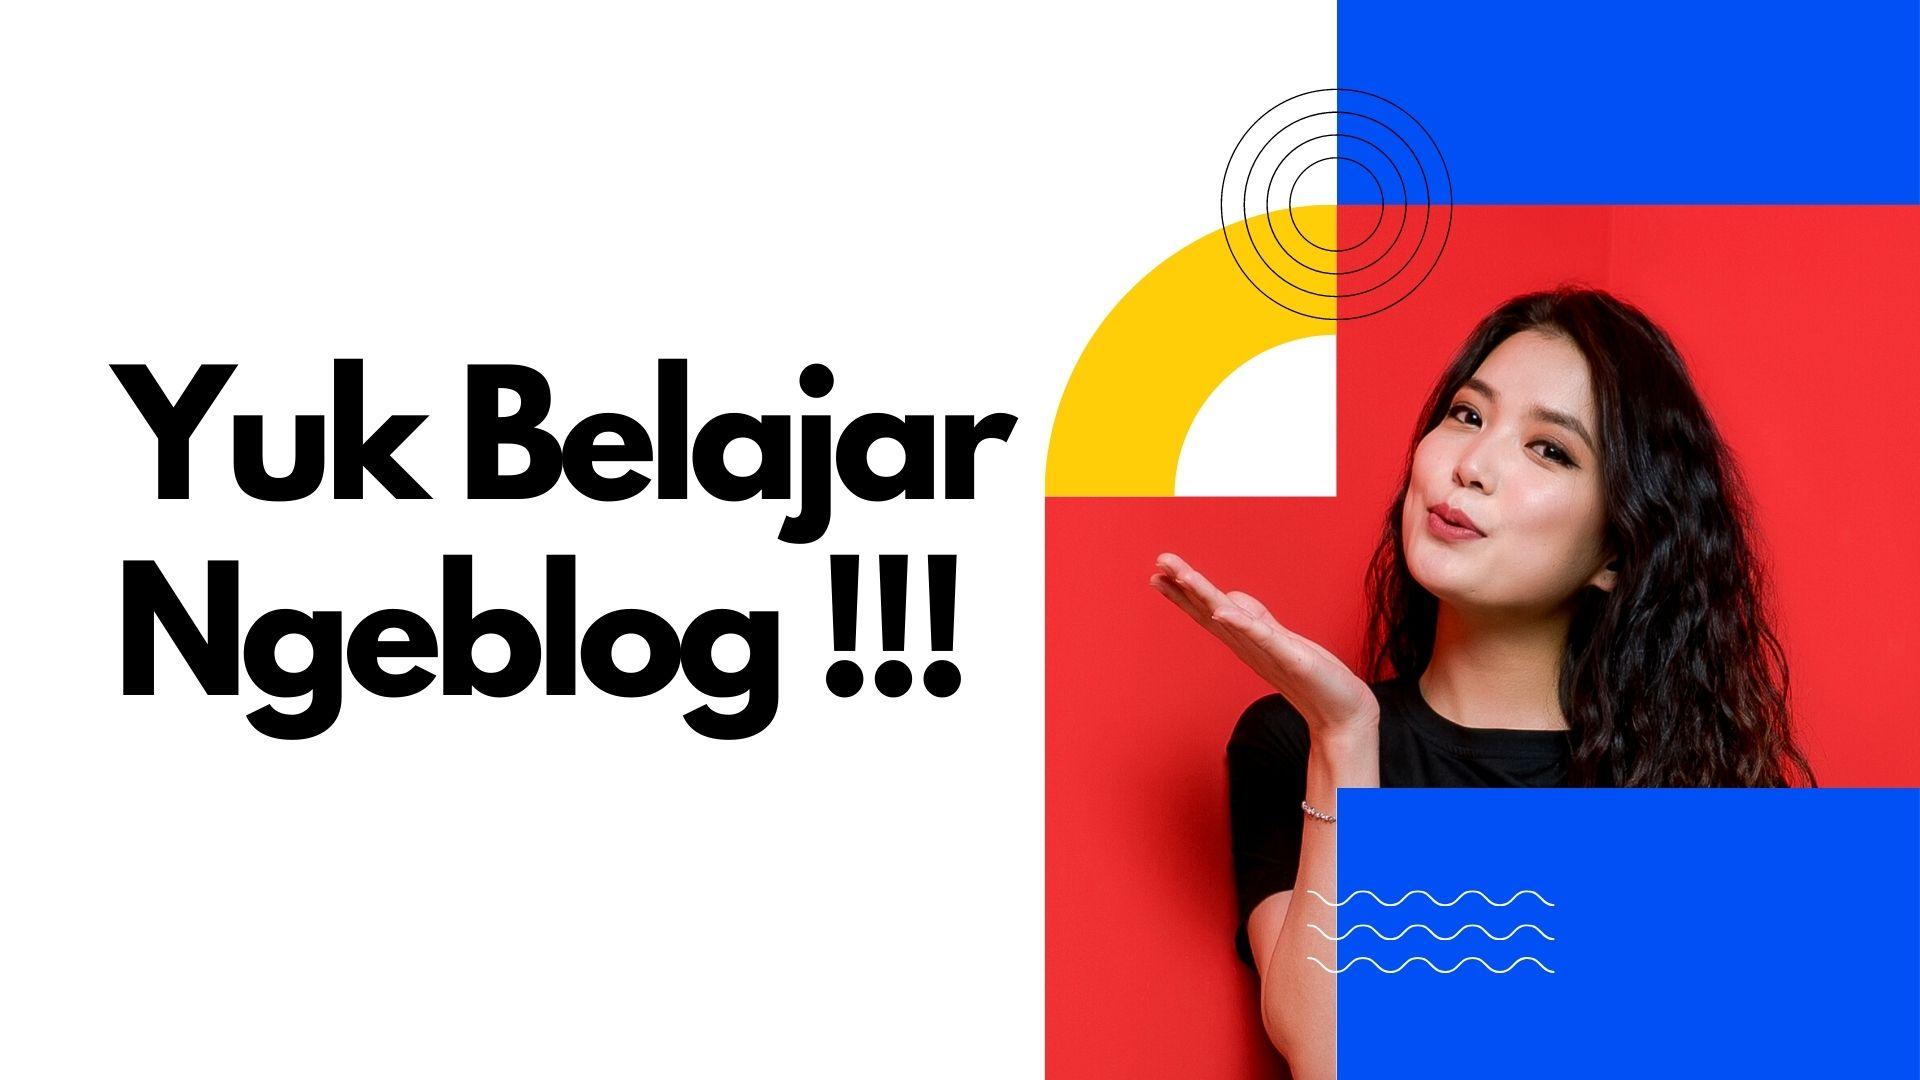 Inilah Alamat Situs Yang Paling Bagus Untuk Belajar Ngeblog Bagi Para Pemula Indonesia